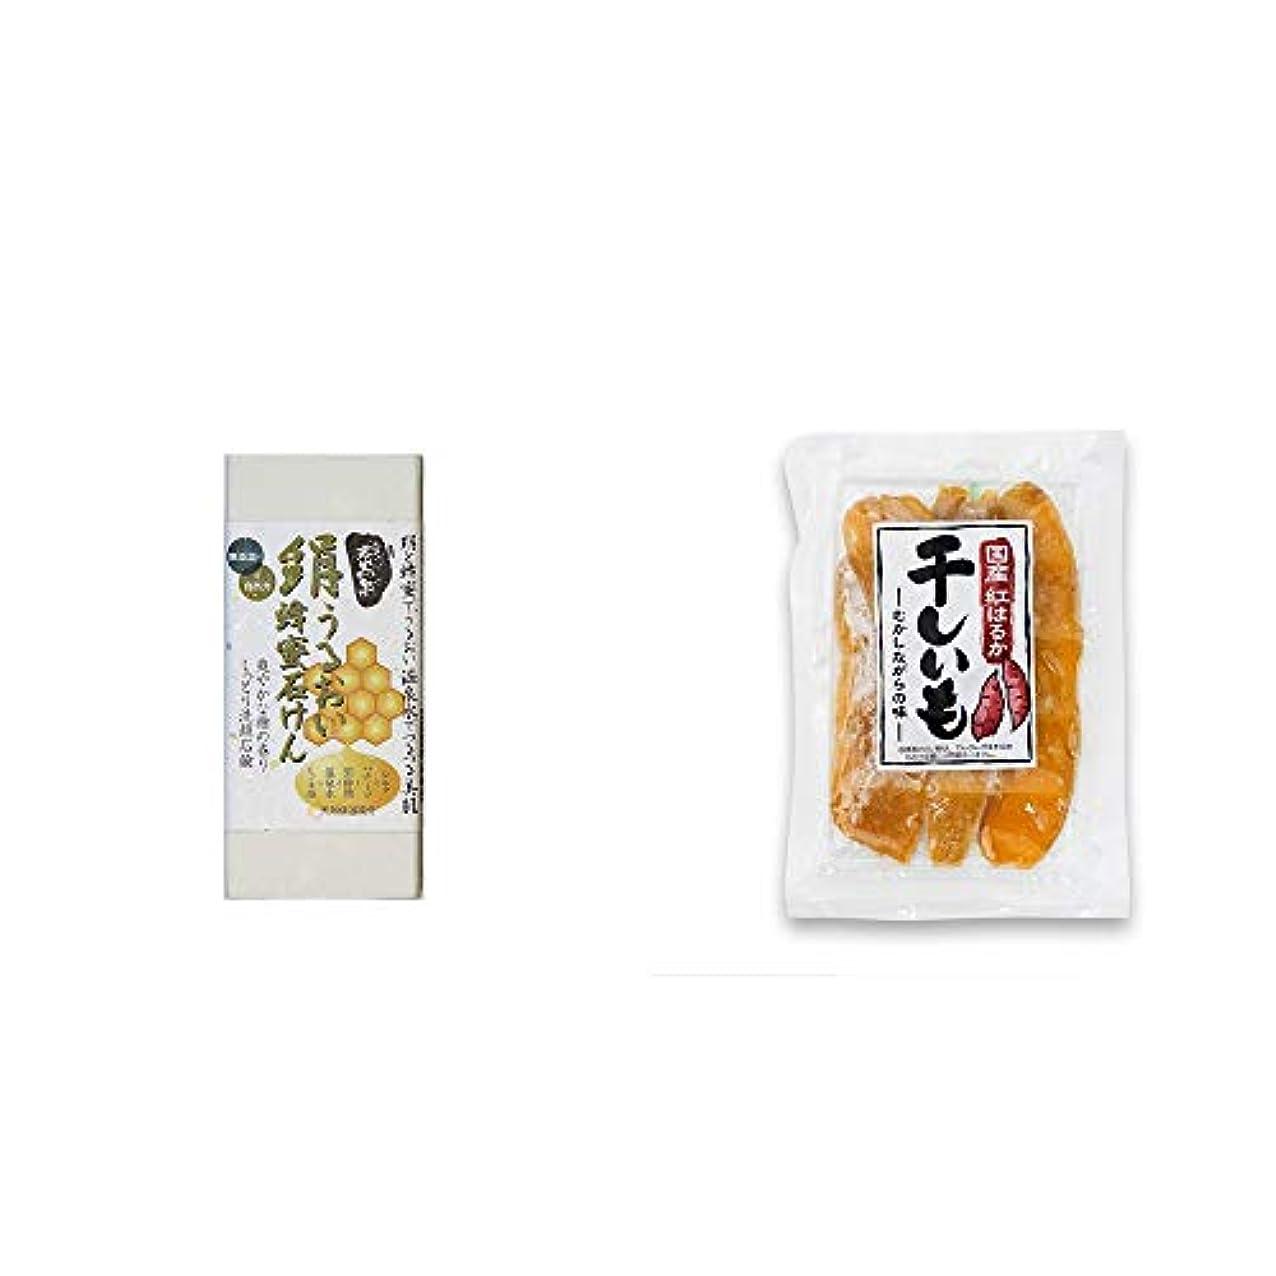 司書ビザプラグ[2点セット] ひのき炭黒泉 絹うるおい蜂蜜石けん(75g×2)?国産 紅はるか 干しいも(140g)